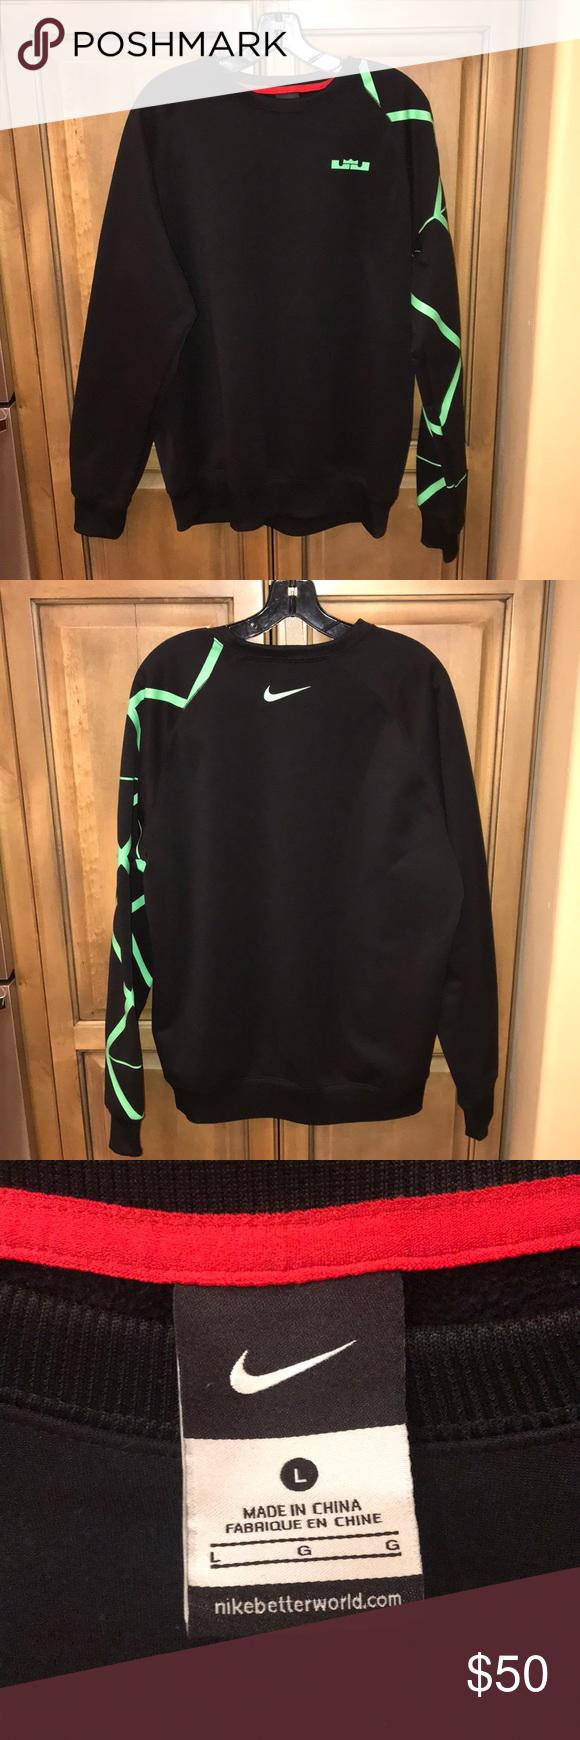 Nike Sweatshirt For Lebron James Sweatshirts Nike Sweatshirts Nike Pullover [ 1740 x 580 Pixel ]